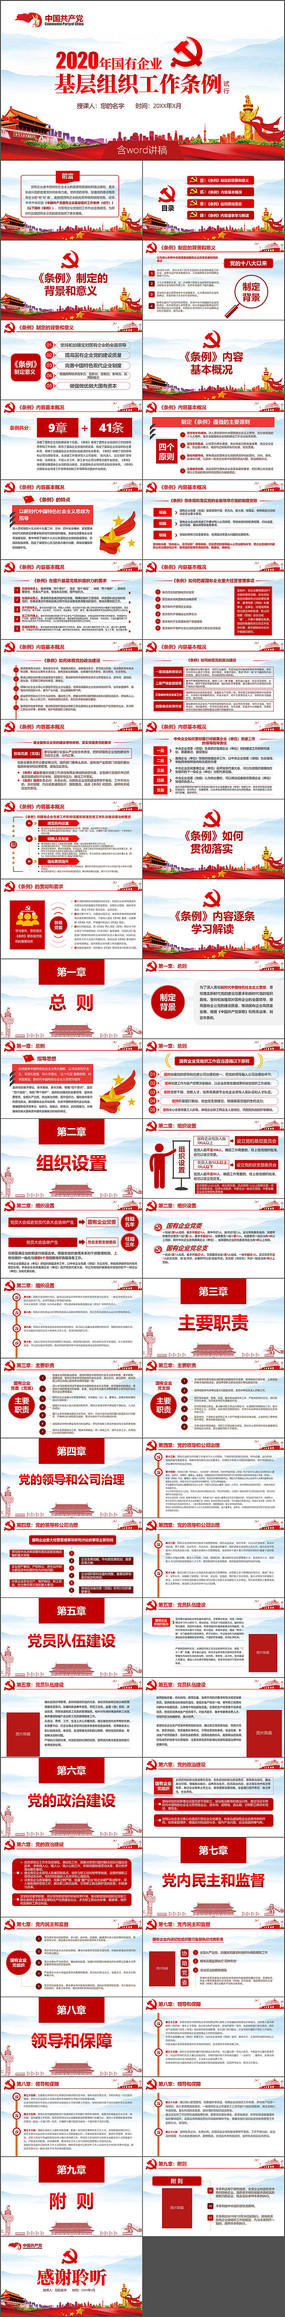 中國共產黨ppt